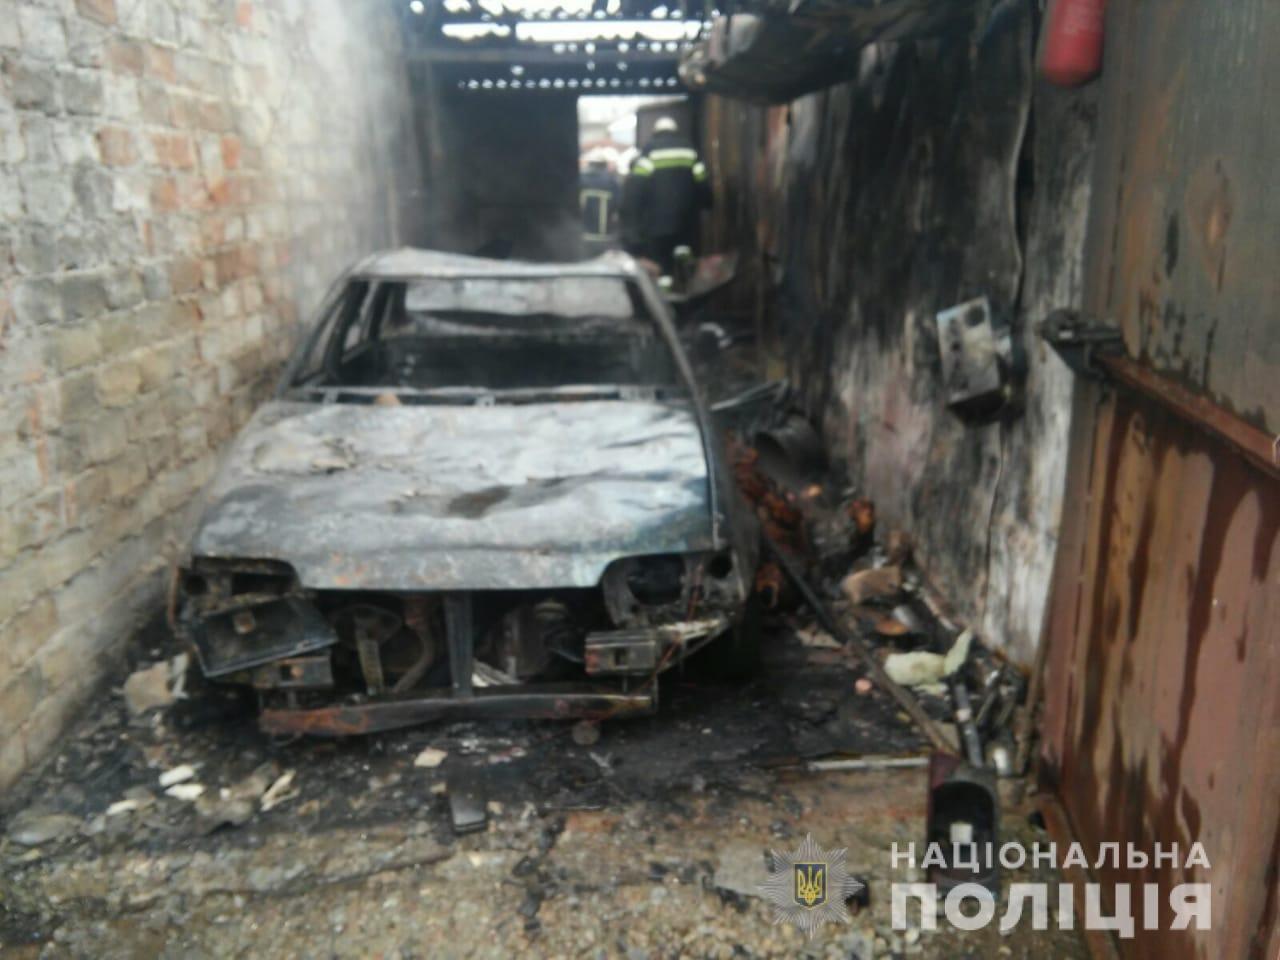 Масштабный пожар в гаражном кооперативе: харьковская полиция устанавливает все обстоятельства, - ФОТО, фото-1